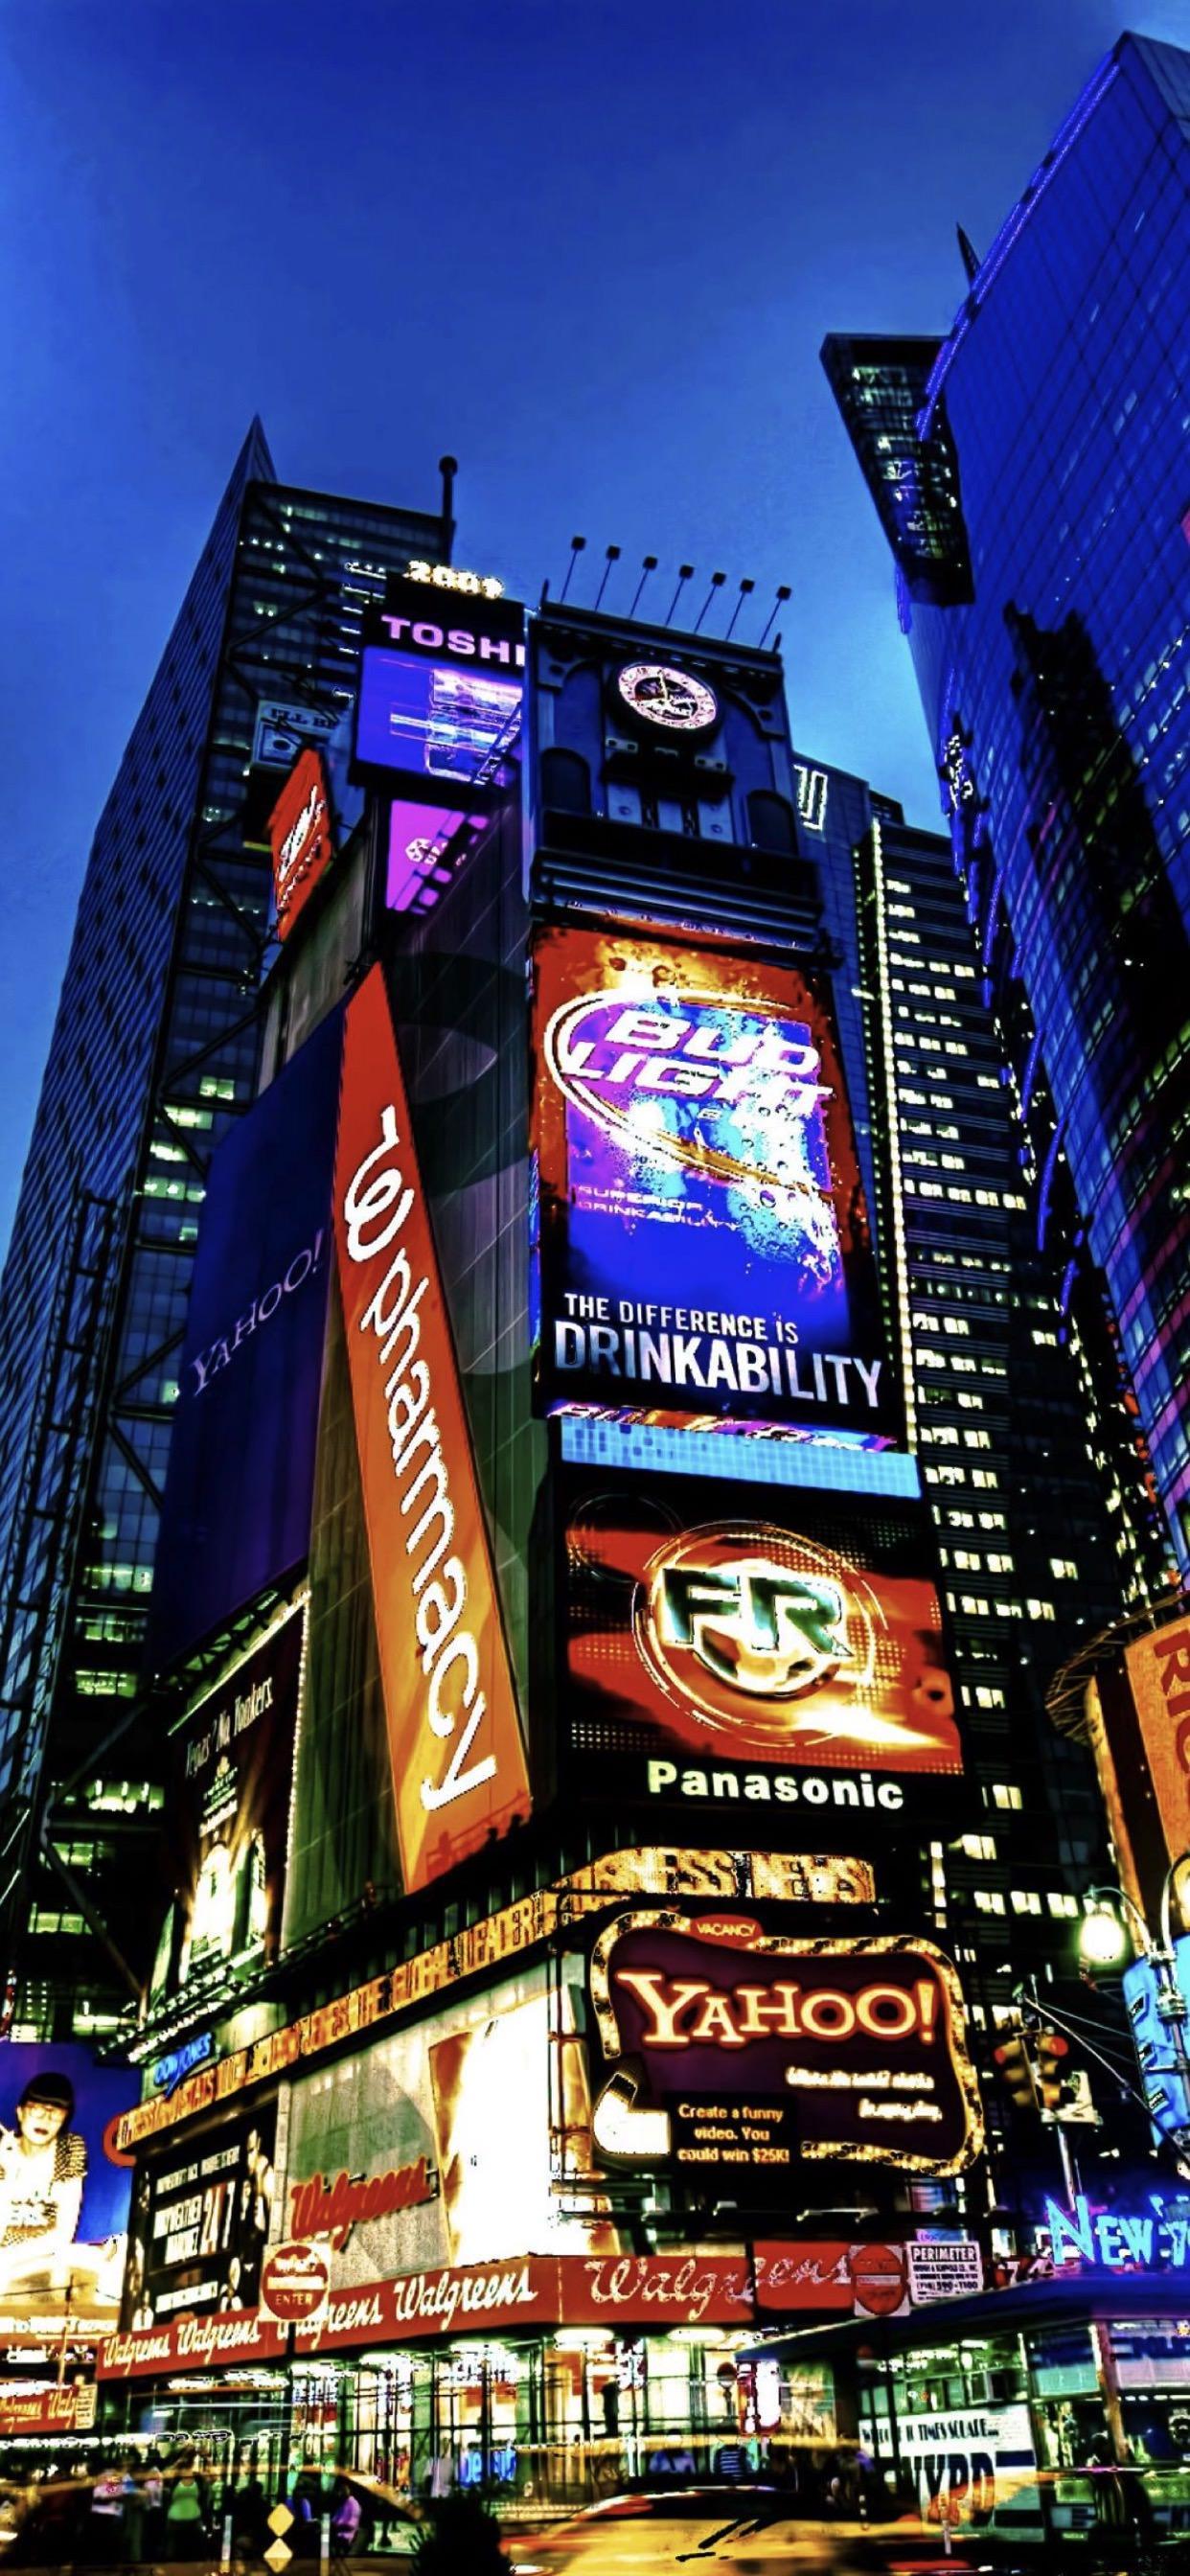 Edificio Paisaje Urbano Paisaje Times Square Wallpapersc